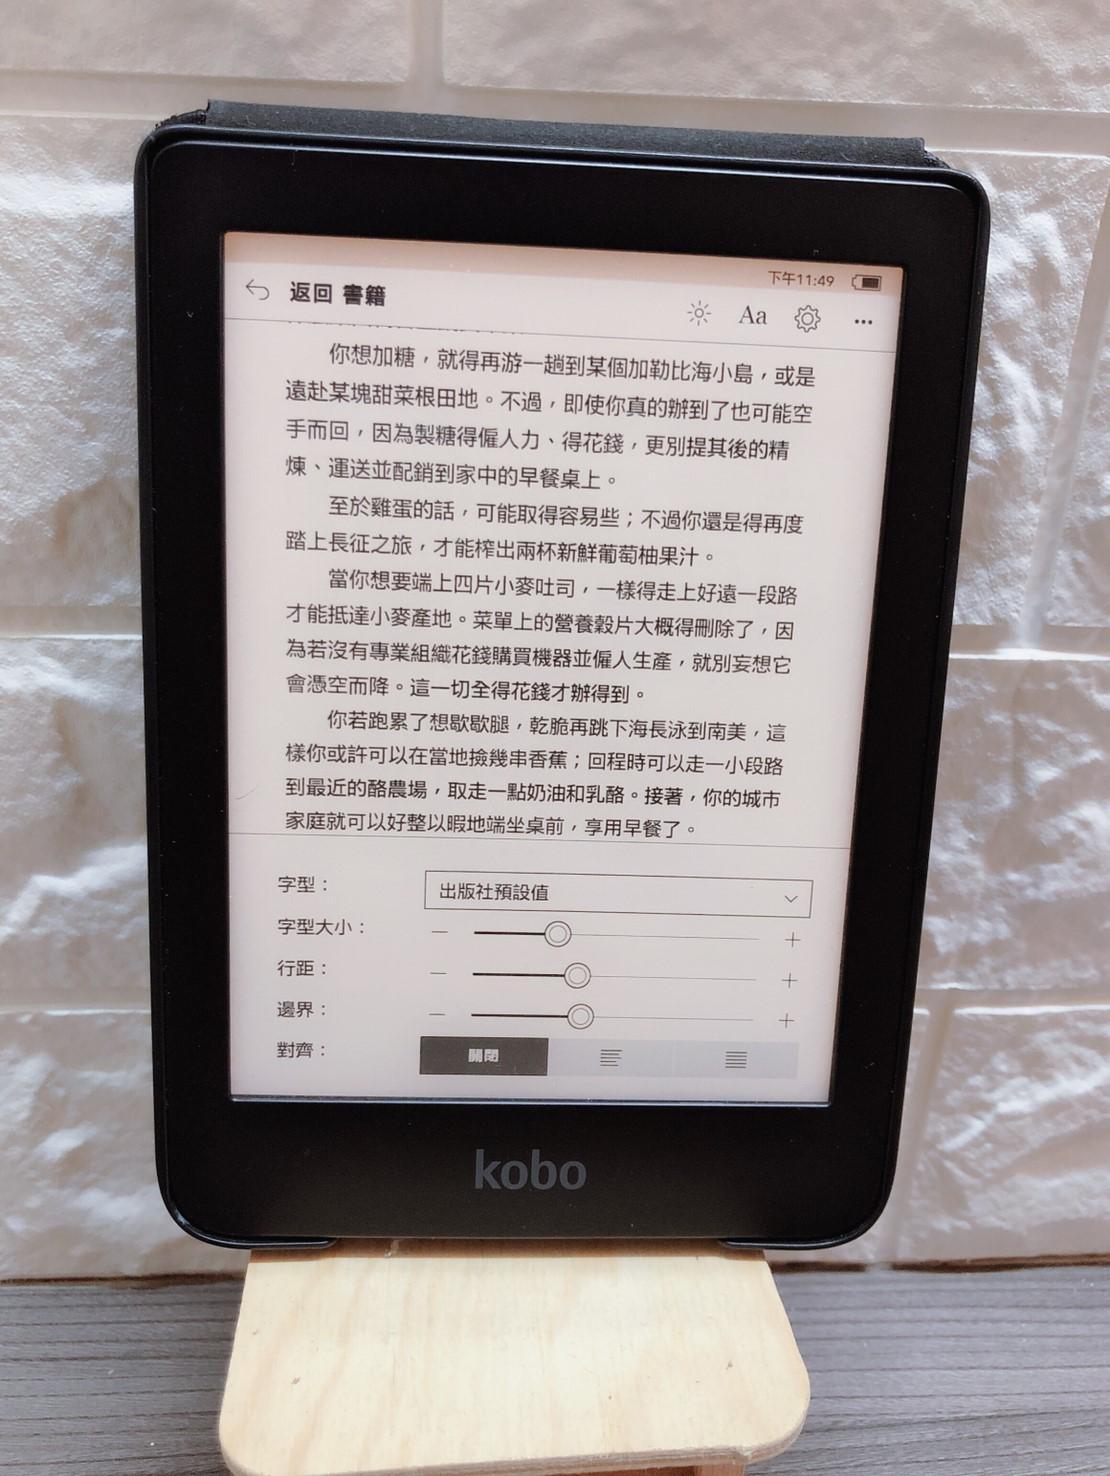 電子書閱讀器 kobo